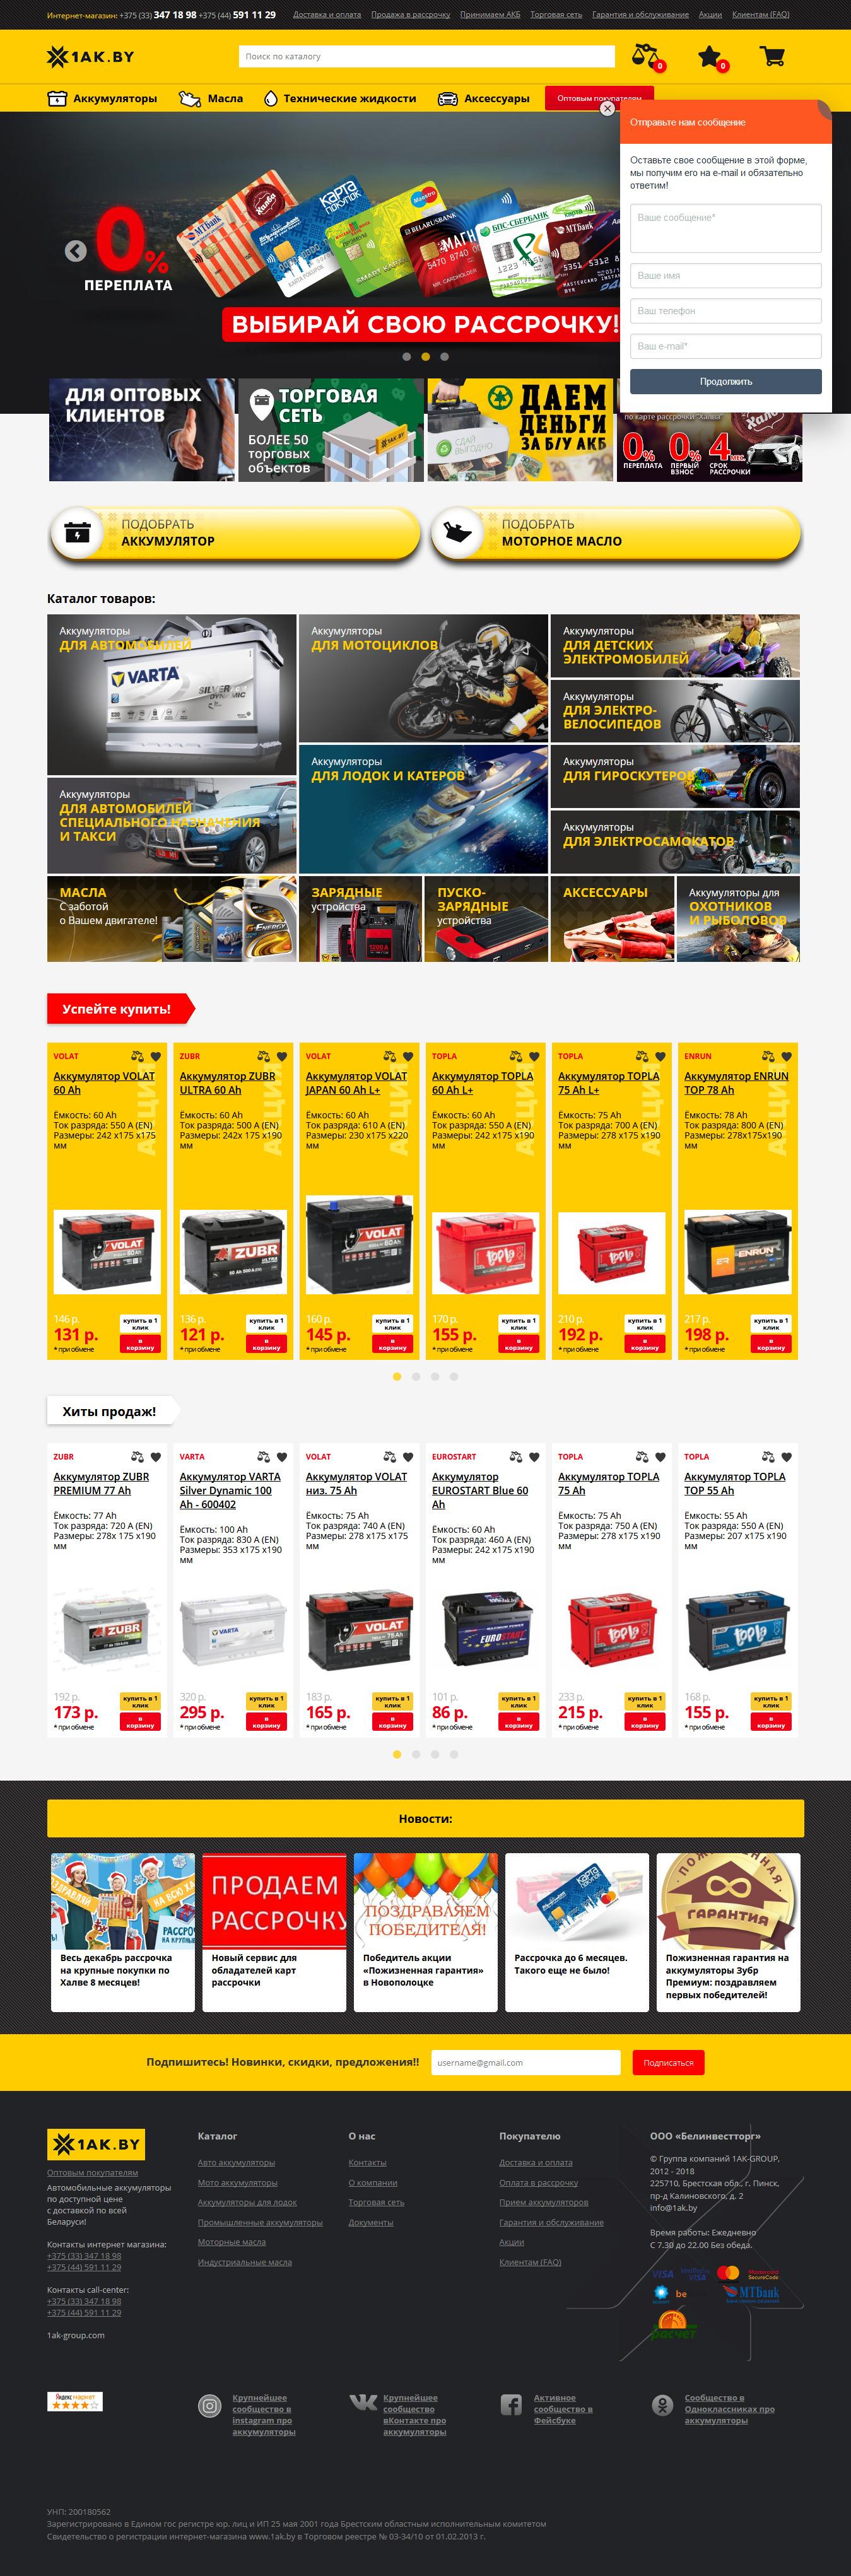 Сайт Первой аккумуляторной компании